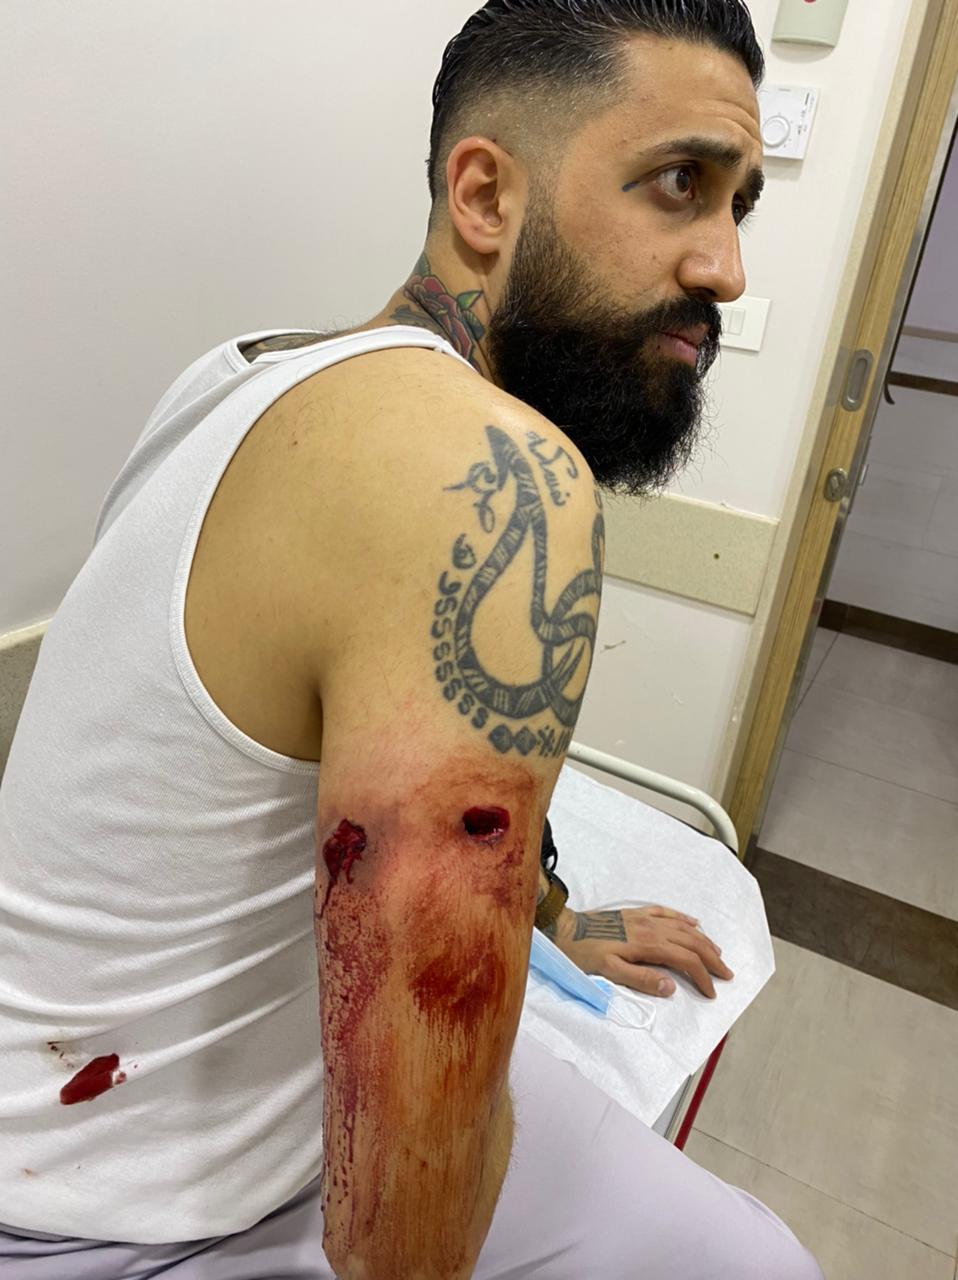 في برج البراجنة… إطلاق النار على 'اكسبرس' وإصابة صاحبه